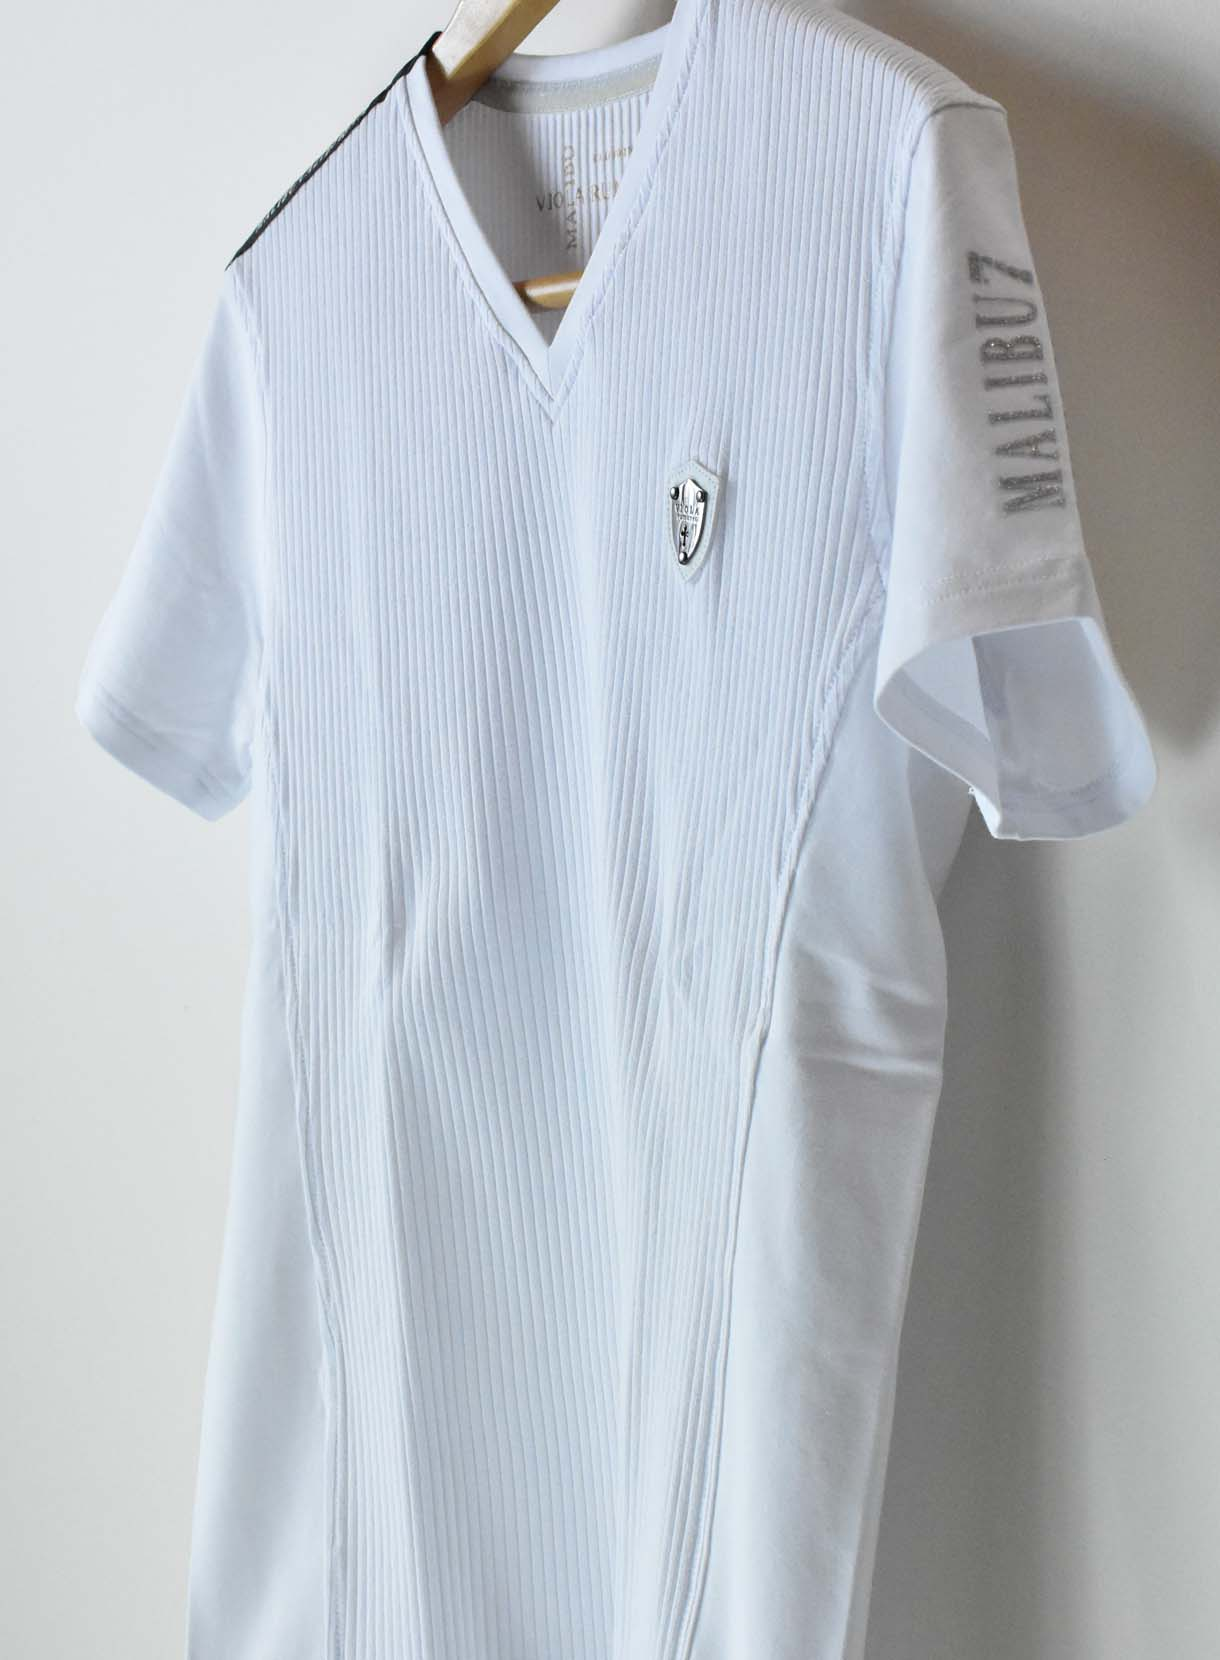 VIOLA半袖Tシャツ